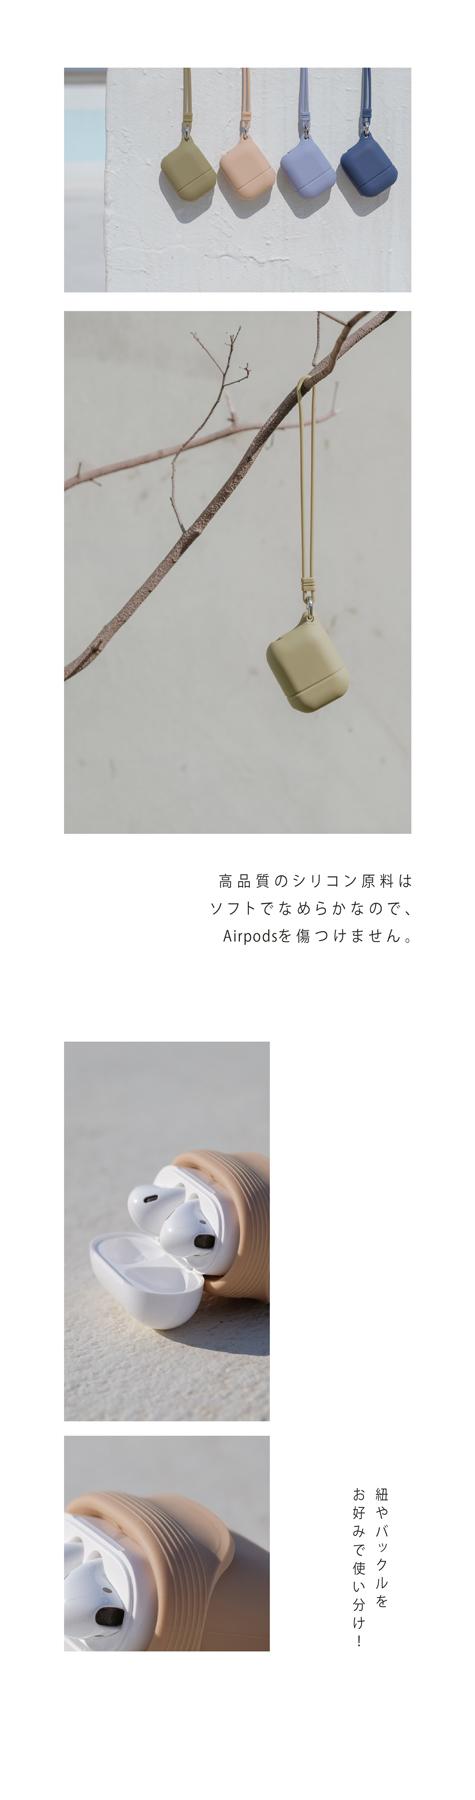 AirPods用カラフル保護ケース-ミルクティー(キーチェーンとシリコン紐付き)